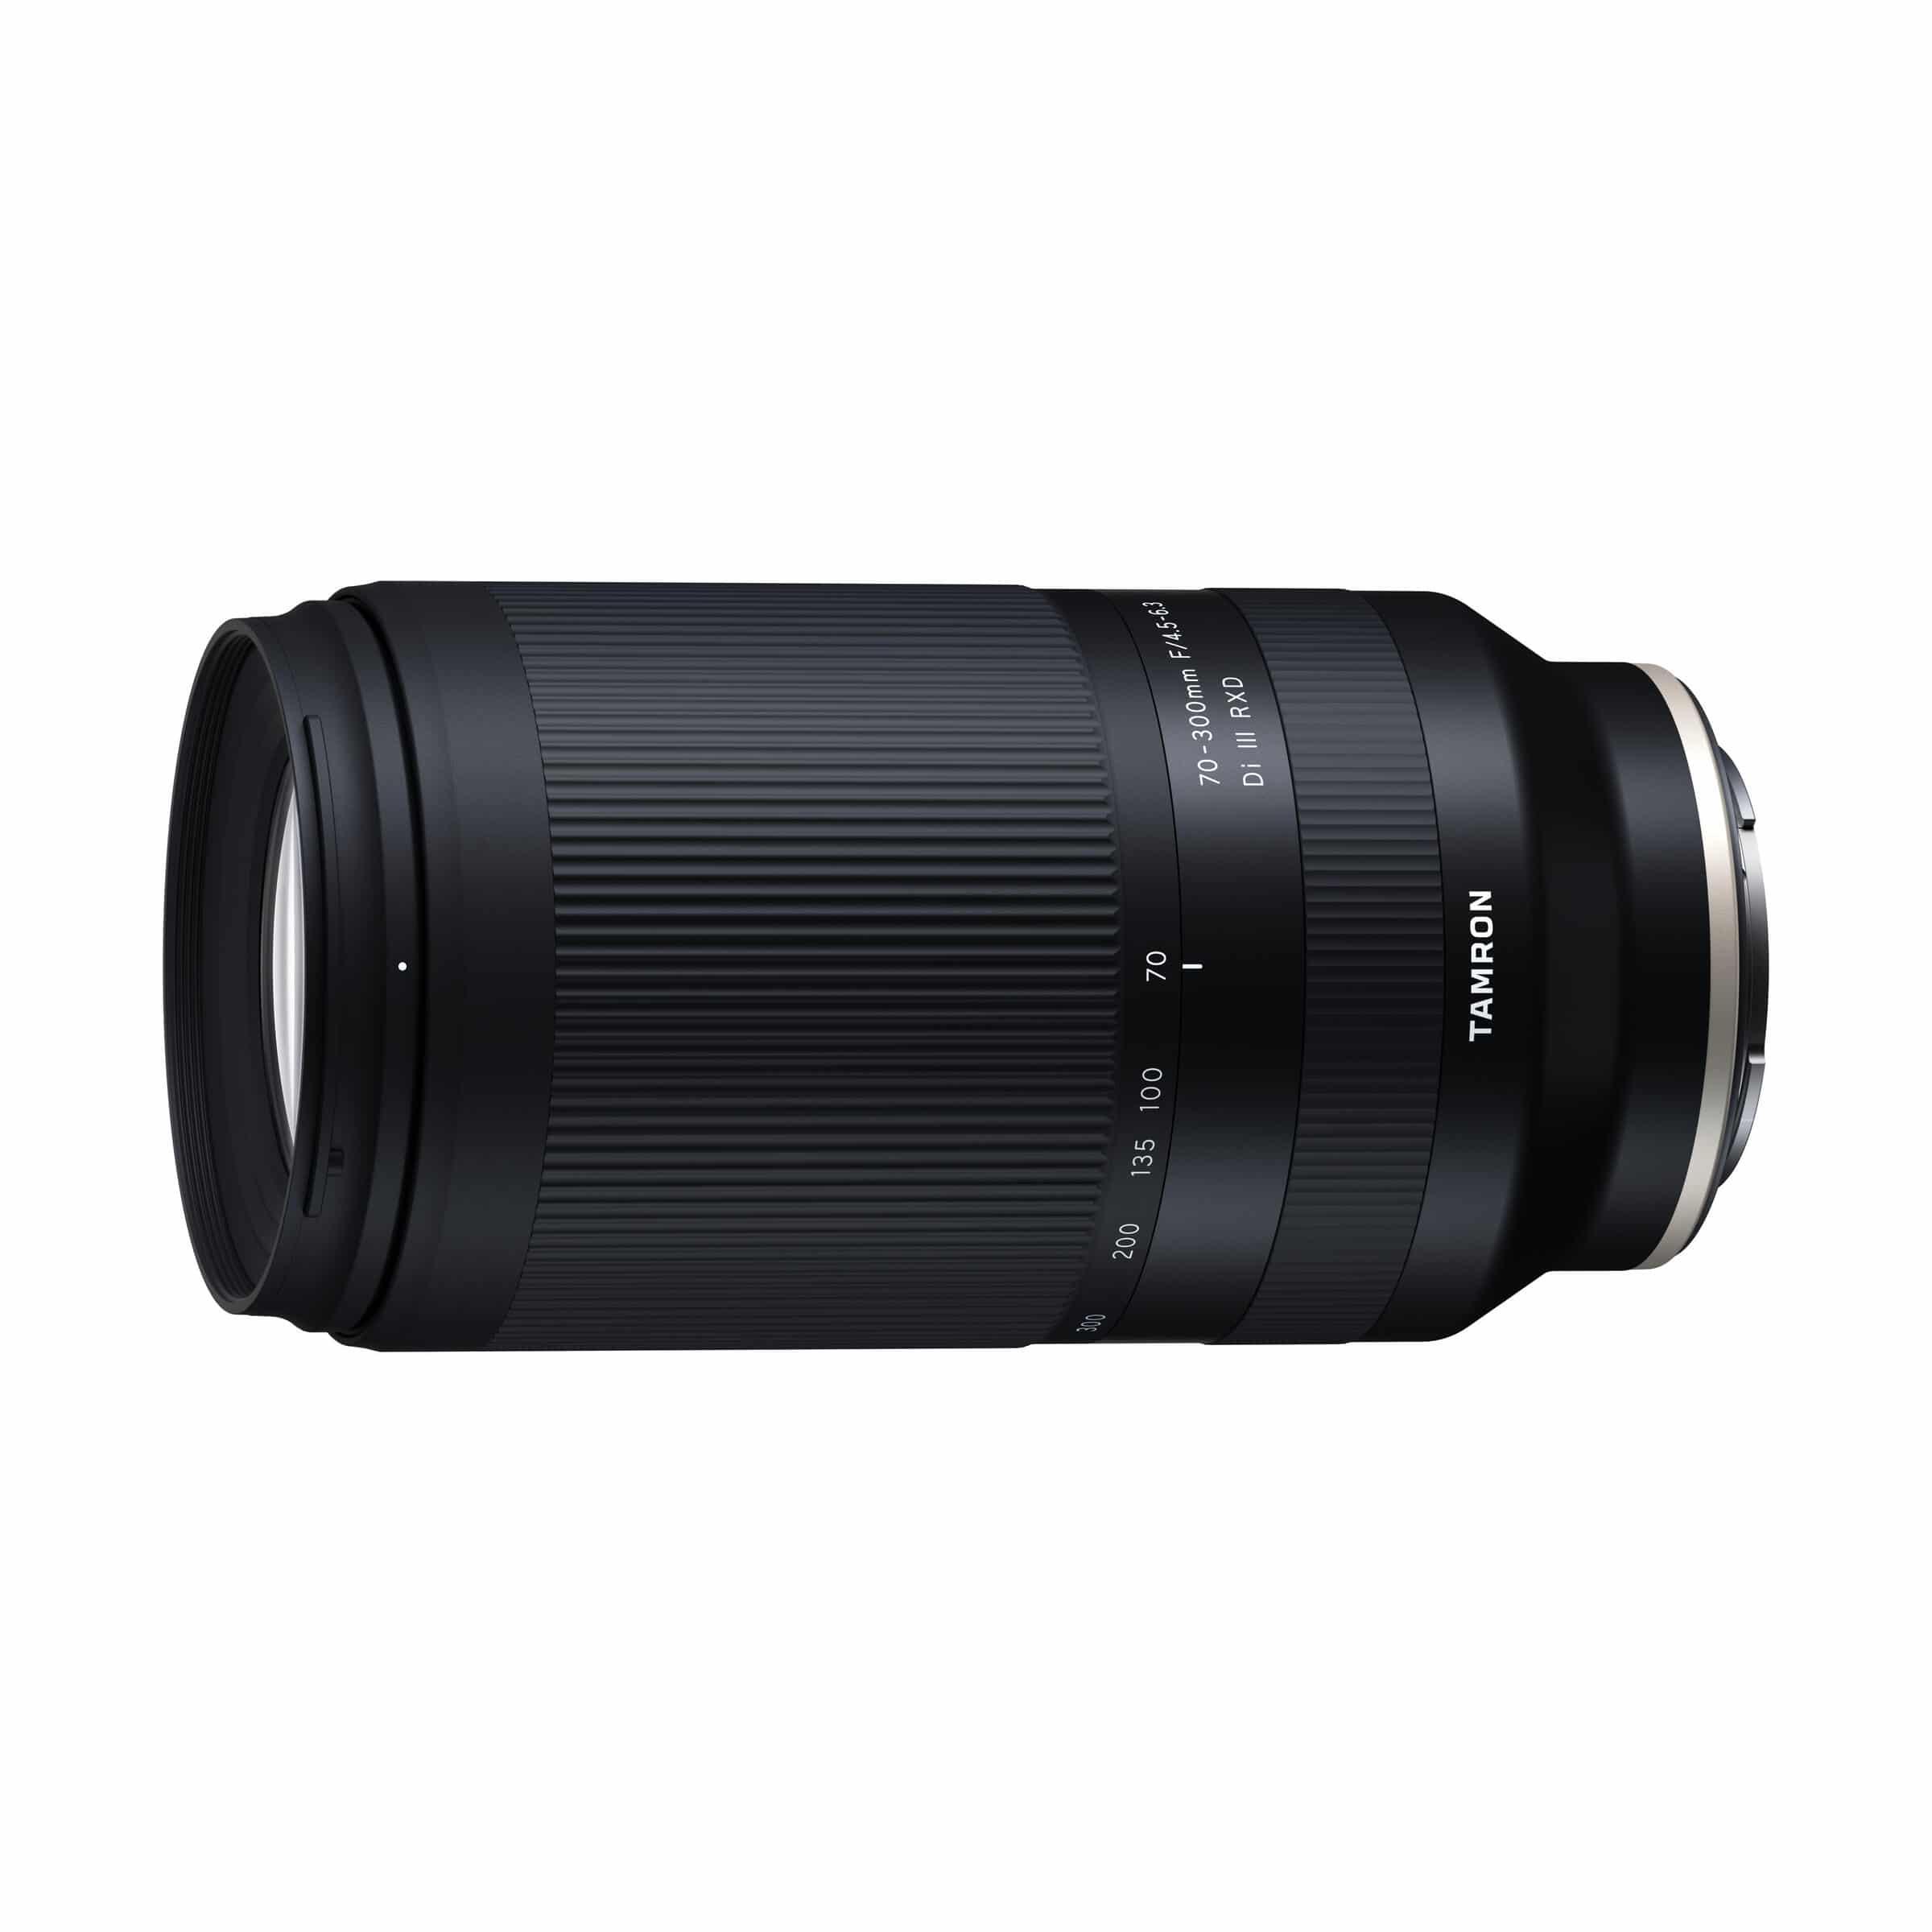 Tamron 70-300mm f/4,5-6,3 Di III RXD : Sony FE